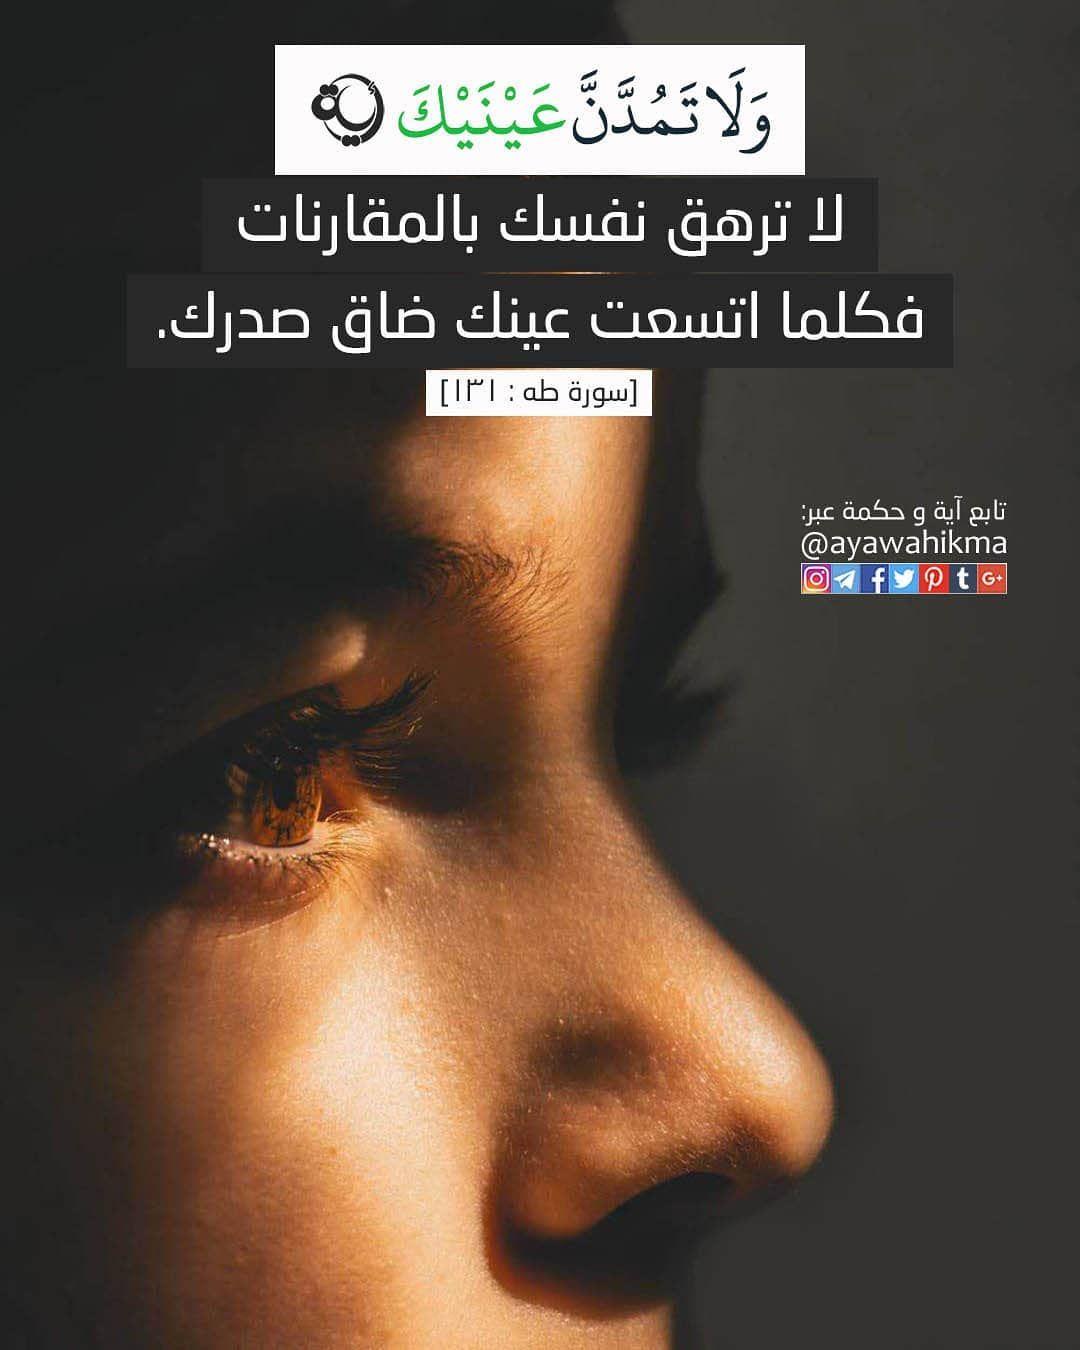 آیة و حكمة و ل ا ت م د ن ع ي ن ي ك سورة طه ١٣١ لا ترهق نفسك بالمقارنات فكلما اتسعت عينك ضاق صدرك Islamic Quotes Quran Quran Quotes Love Quran Quotes